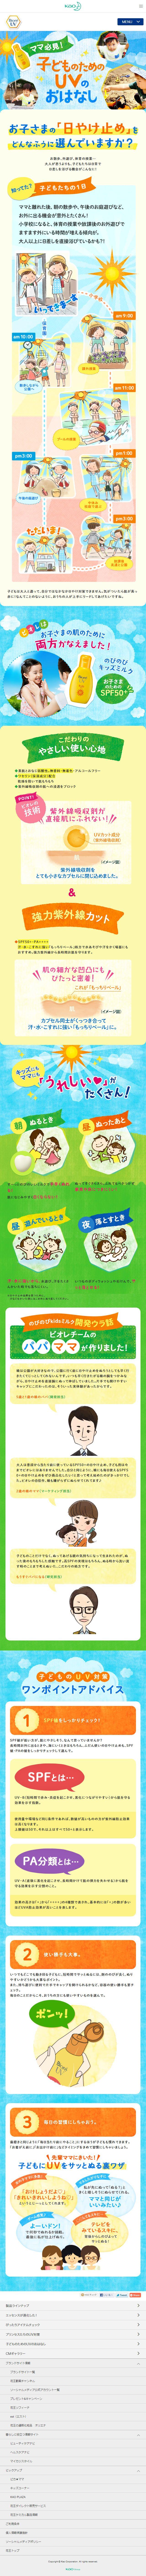 子どものためのUVのおはなし【キッズ・ベビー・玩具関連】のLPデザイン。WEBデザイナーさん必見!スマホランディングページのデザイン参考に(かわいい系)